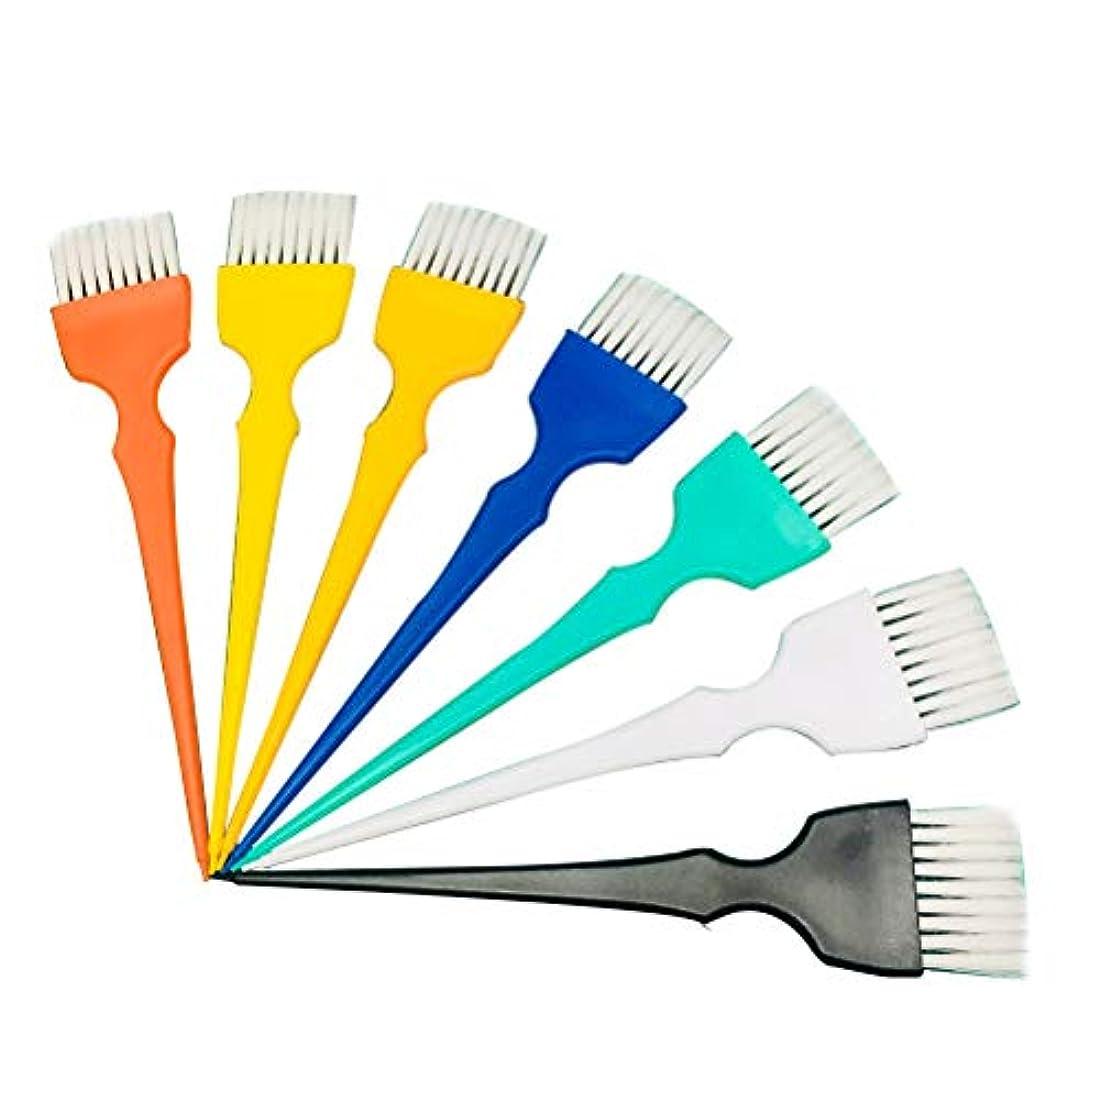 掃除ブレーキアストロラーベBeaupretty 7本染毛ブラシプラスチックソフトブラシヘアカラーブラシ美容院用(ランダムカラー)